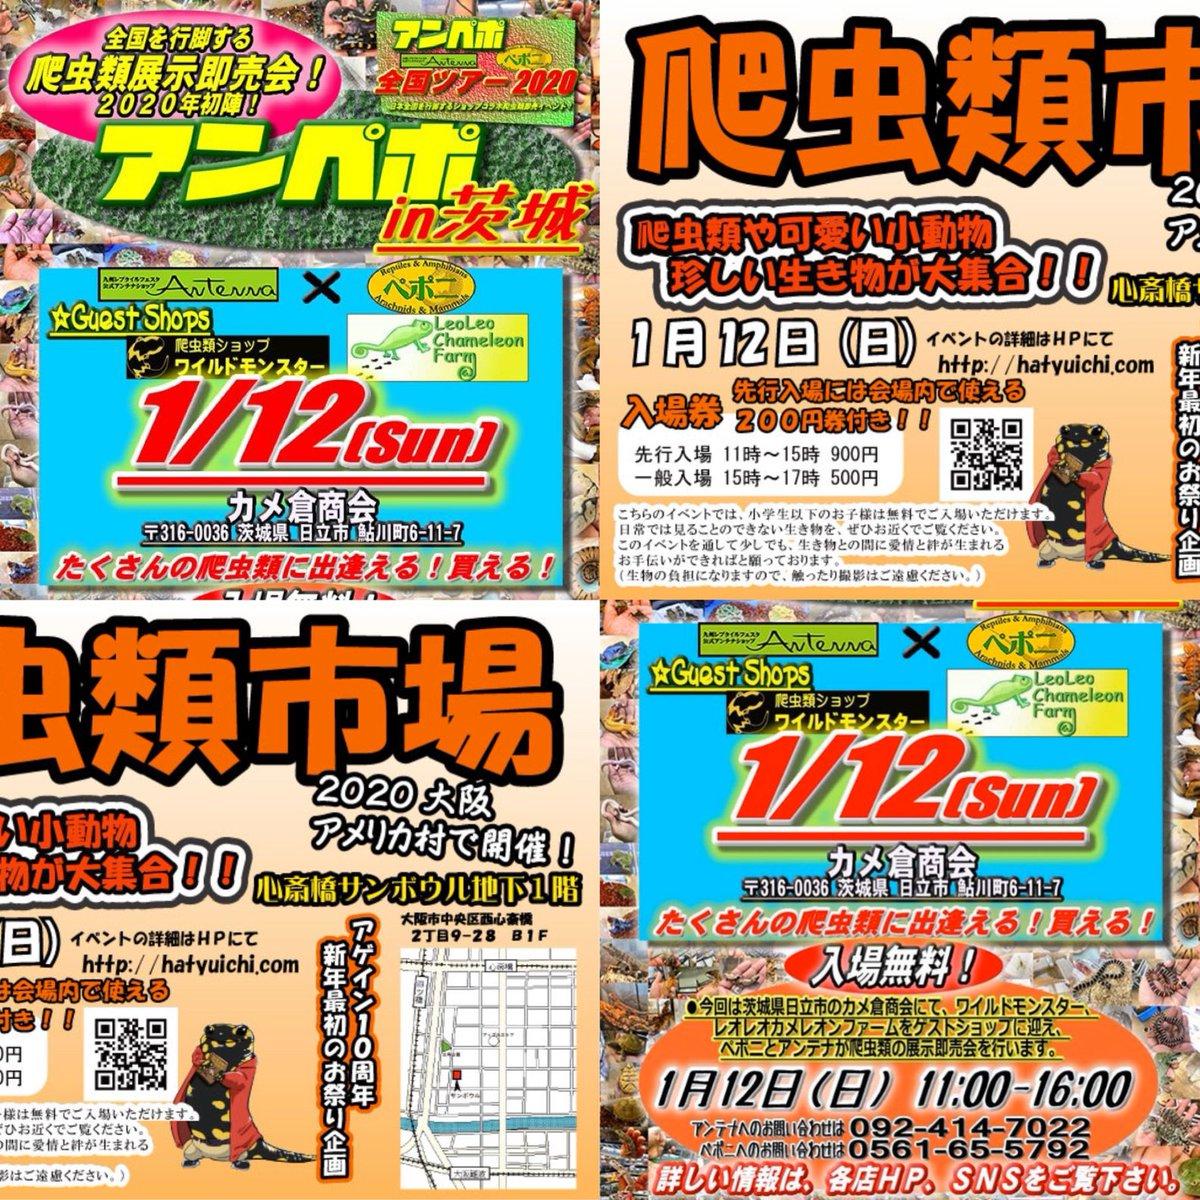 アンペポin茨城&爬虫類市場大阪!いよいよ明日1/12(日)です♪